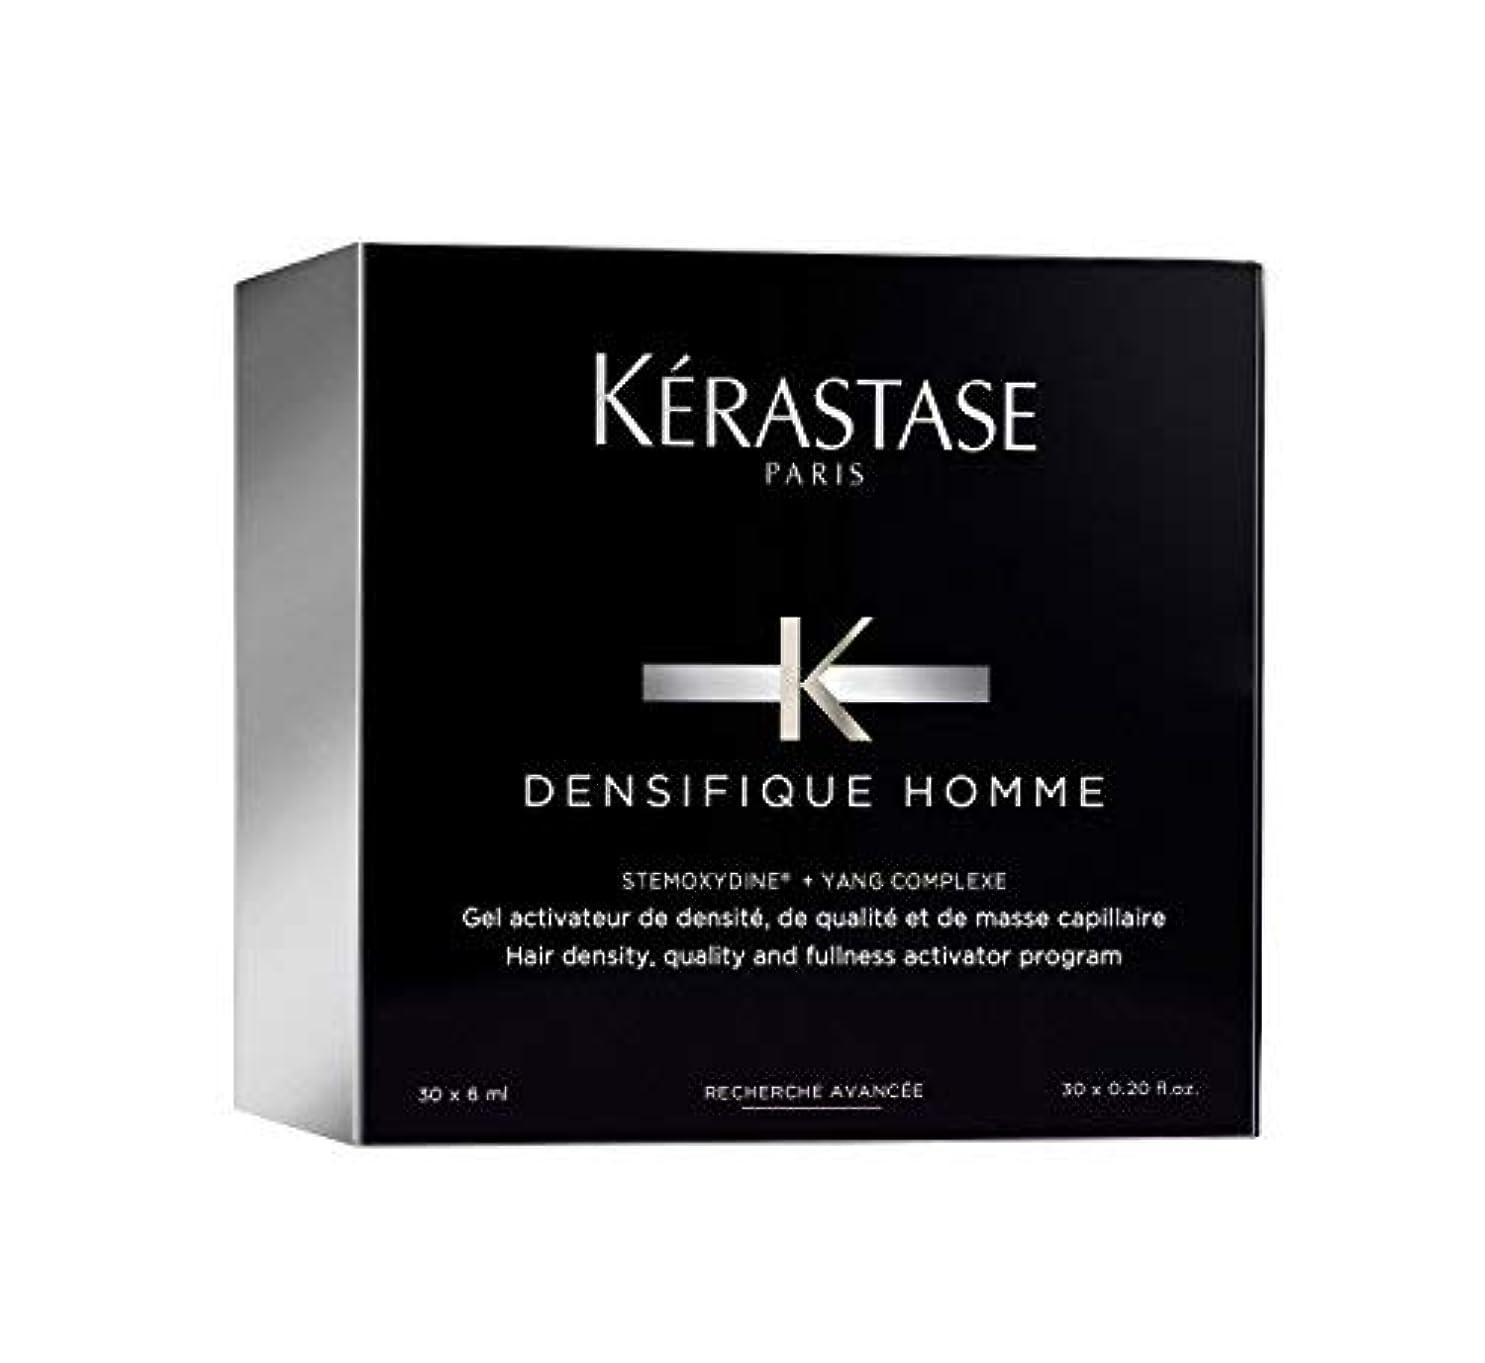 聖人驚神経衰弱ケラスターゼ Densifique Homme Hair Density and Fullness Programme 30x6ml